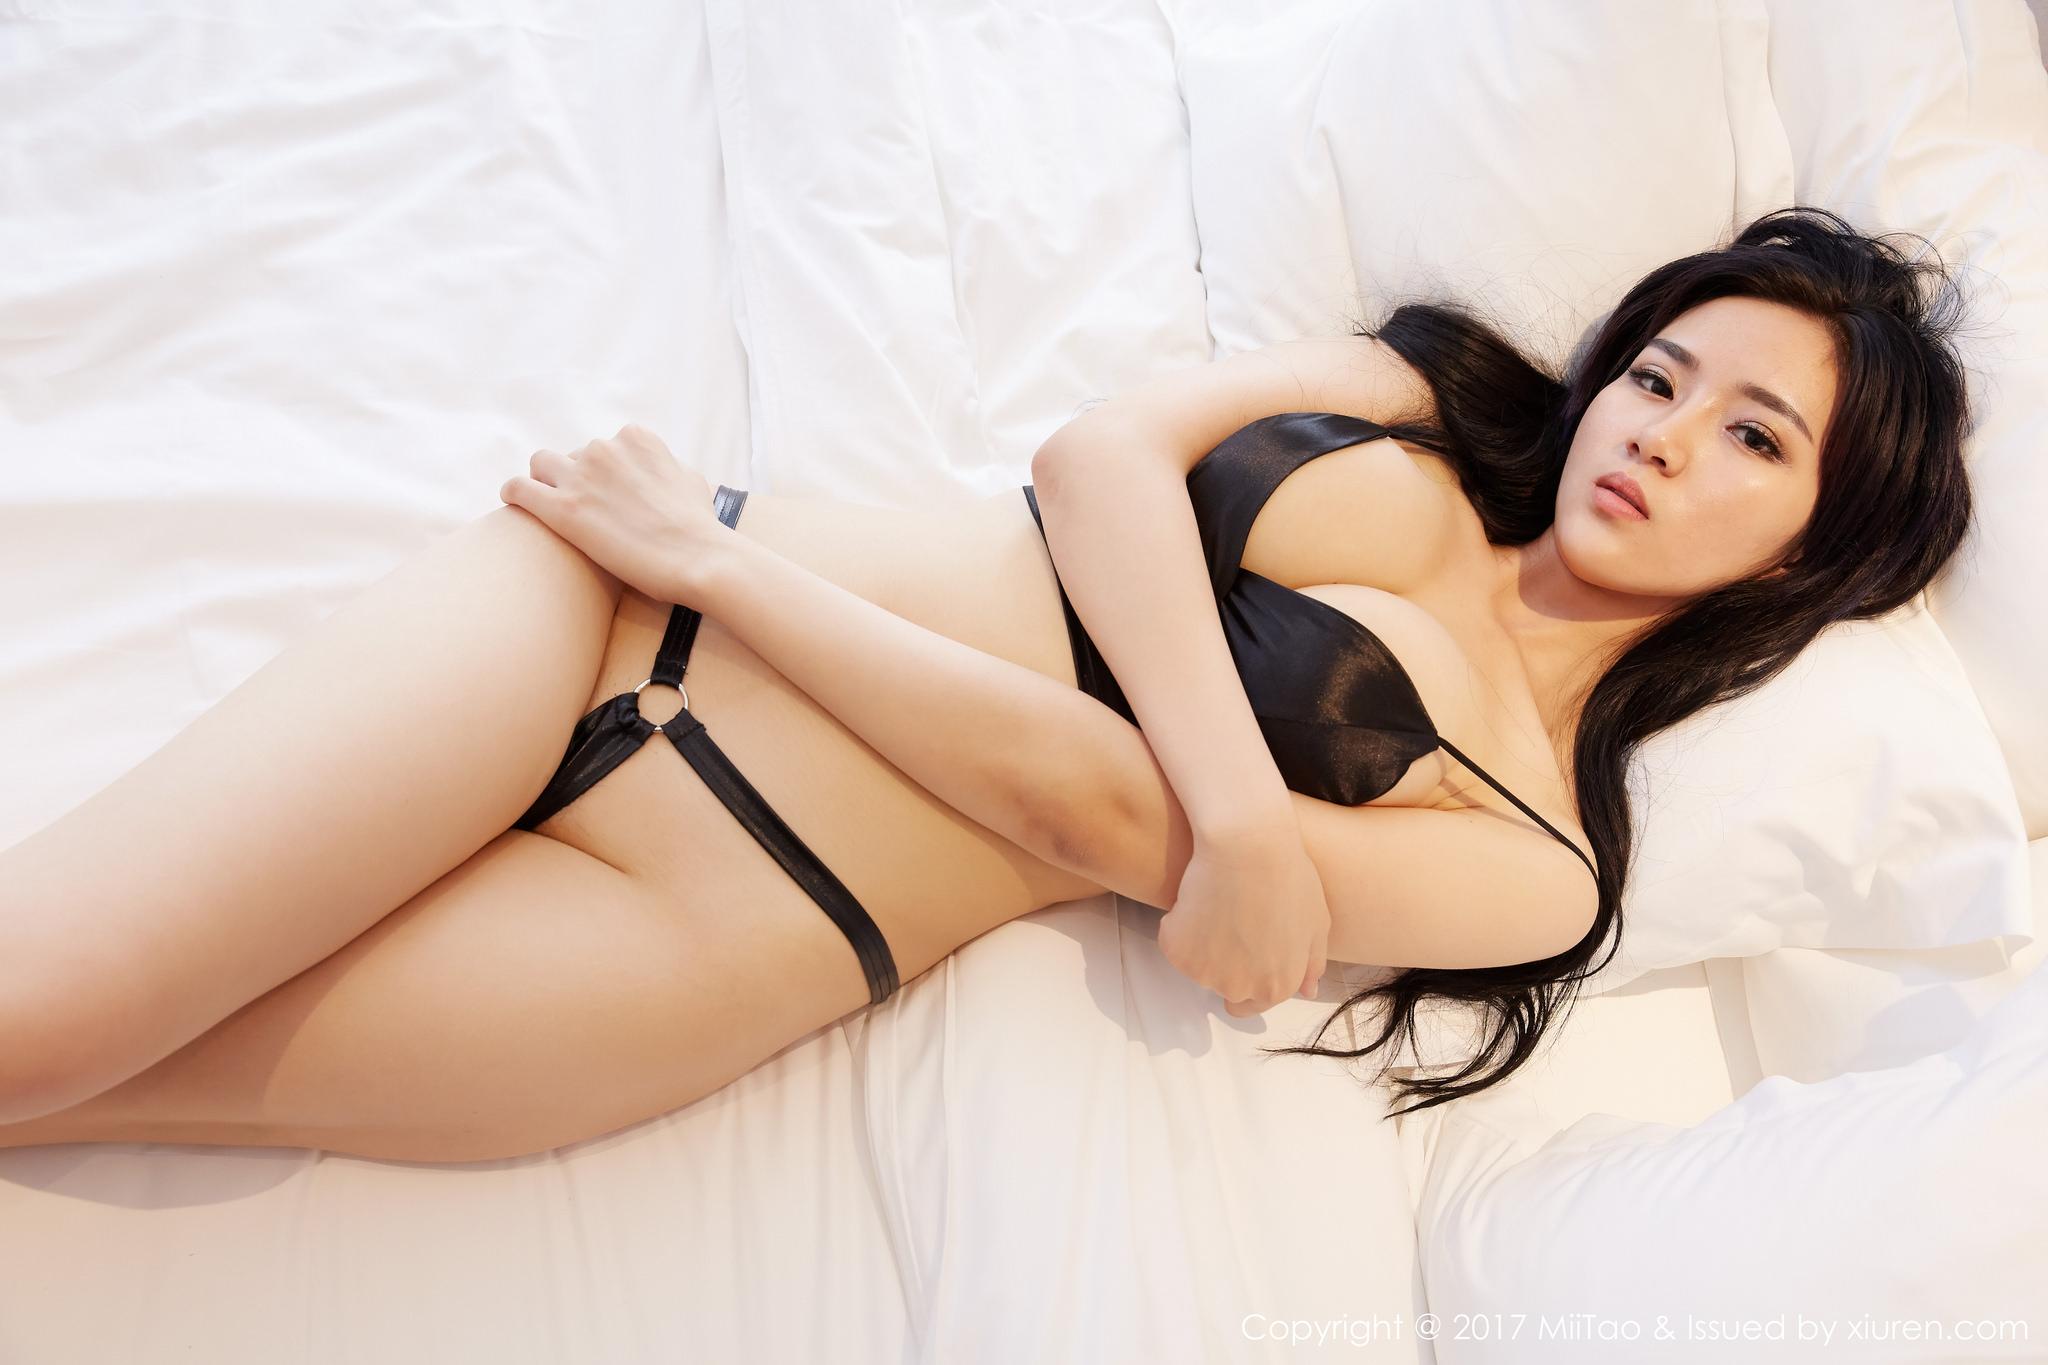 сексуальные девушки казашки фото мне